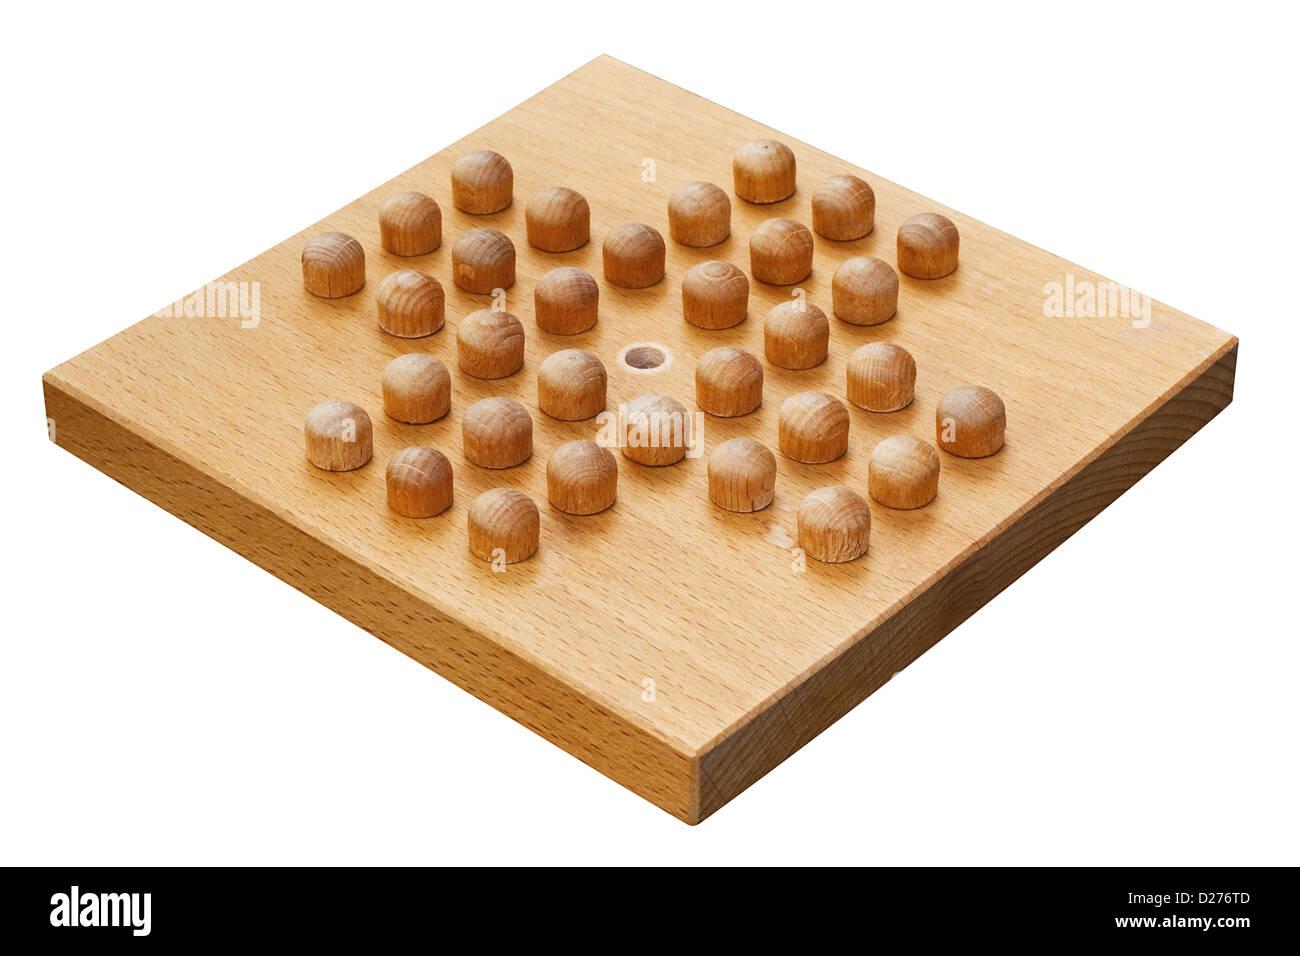 Carte solitaire de la cheville en bois fabriqué à partir d'un intérieur en bois populaires puzzle Photo Stock